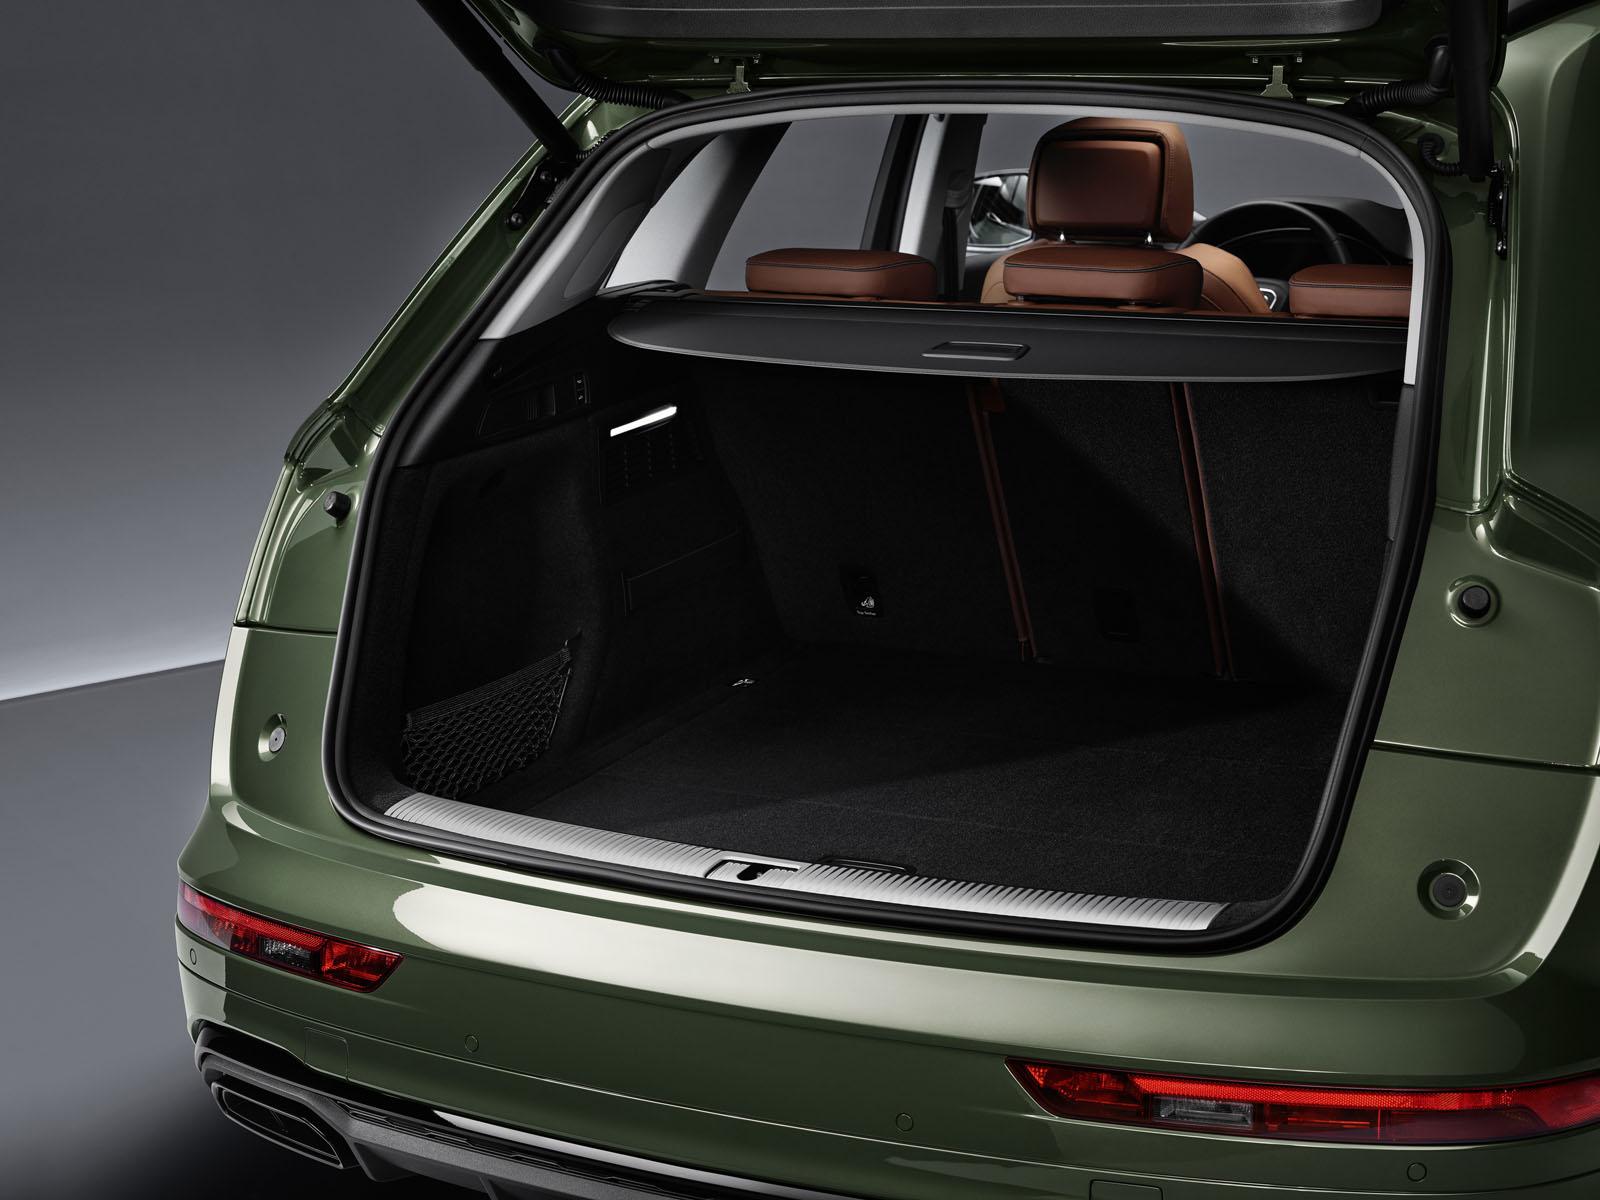 2021 Audi Q5 Luggage compartment